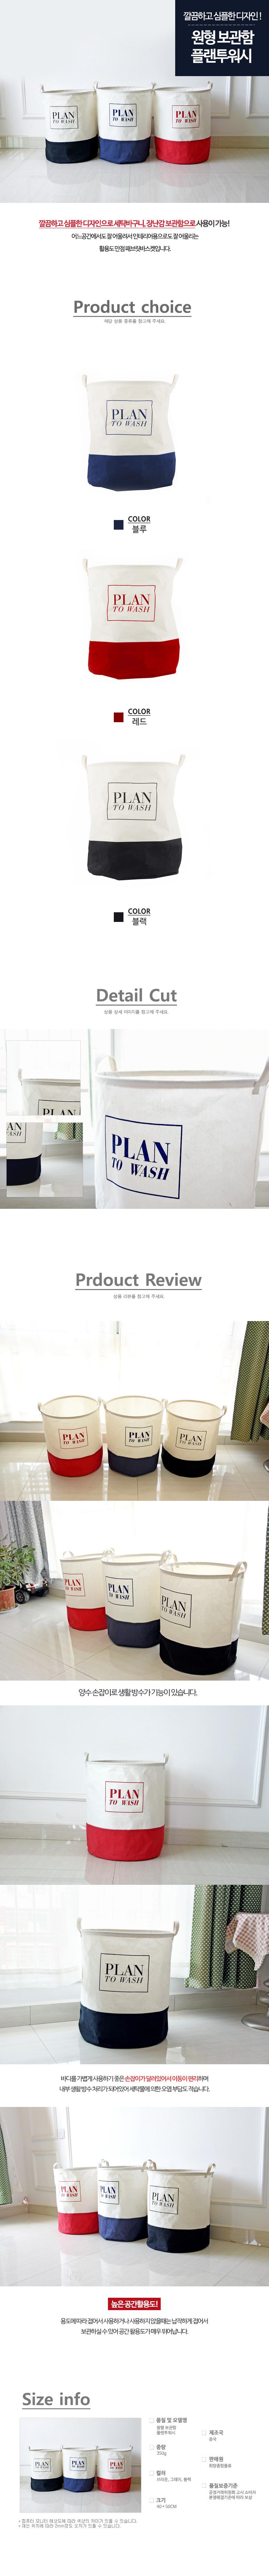 다색 욕실 빨래바구니 - 꽃길, 9,900원, 세탁용품, 빨래바구니